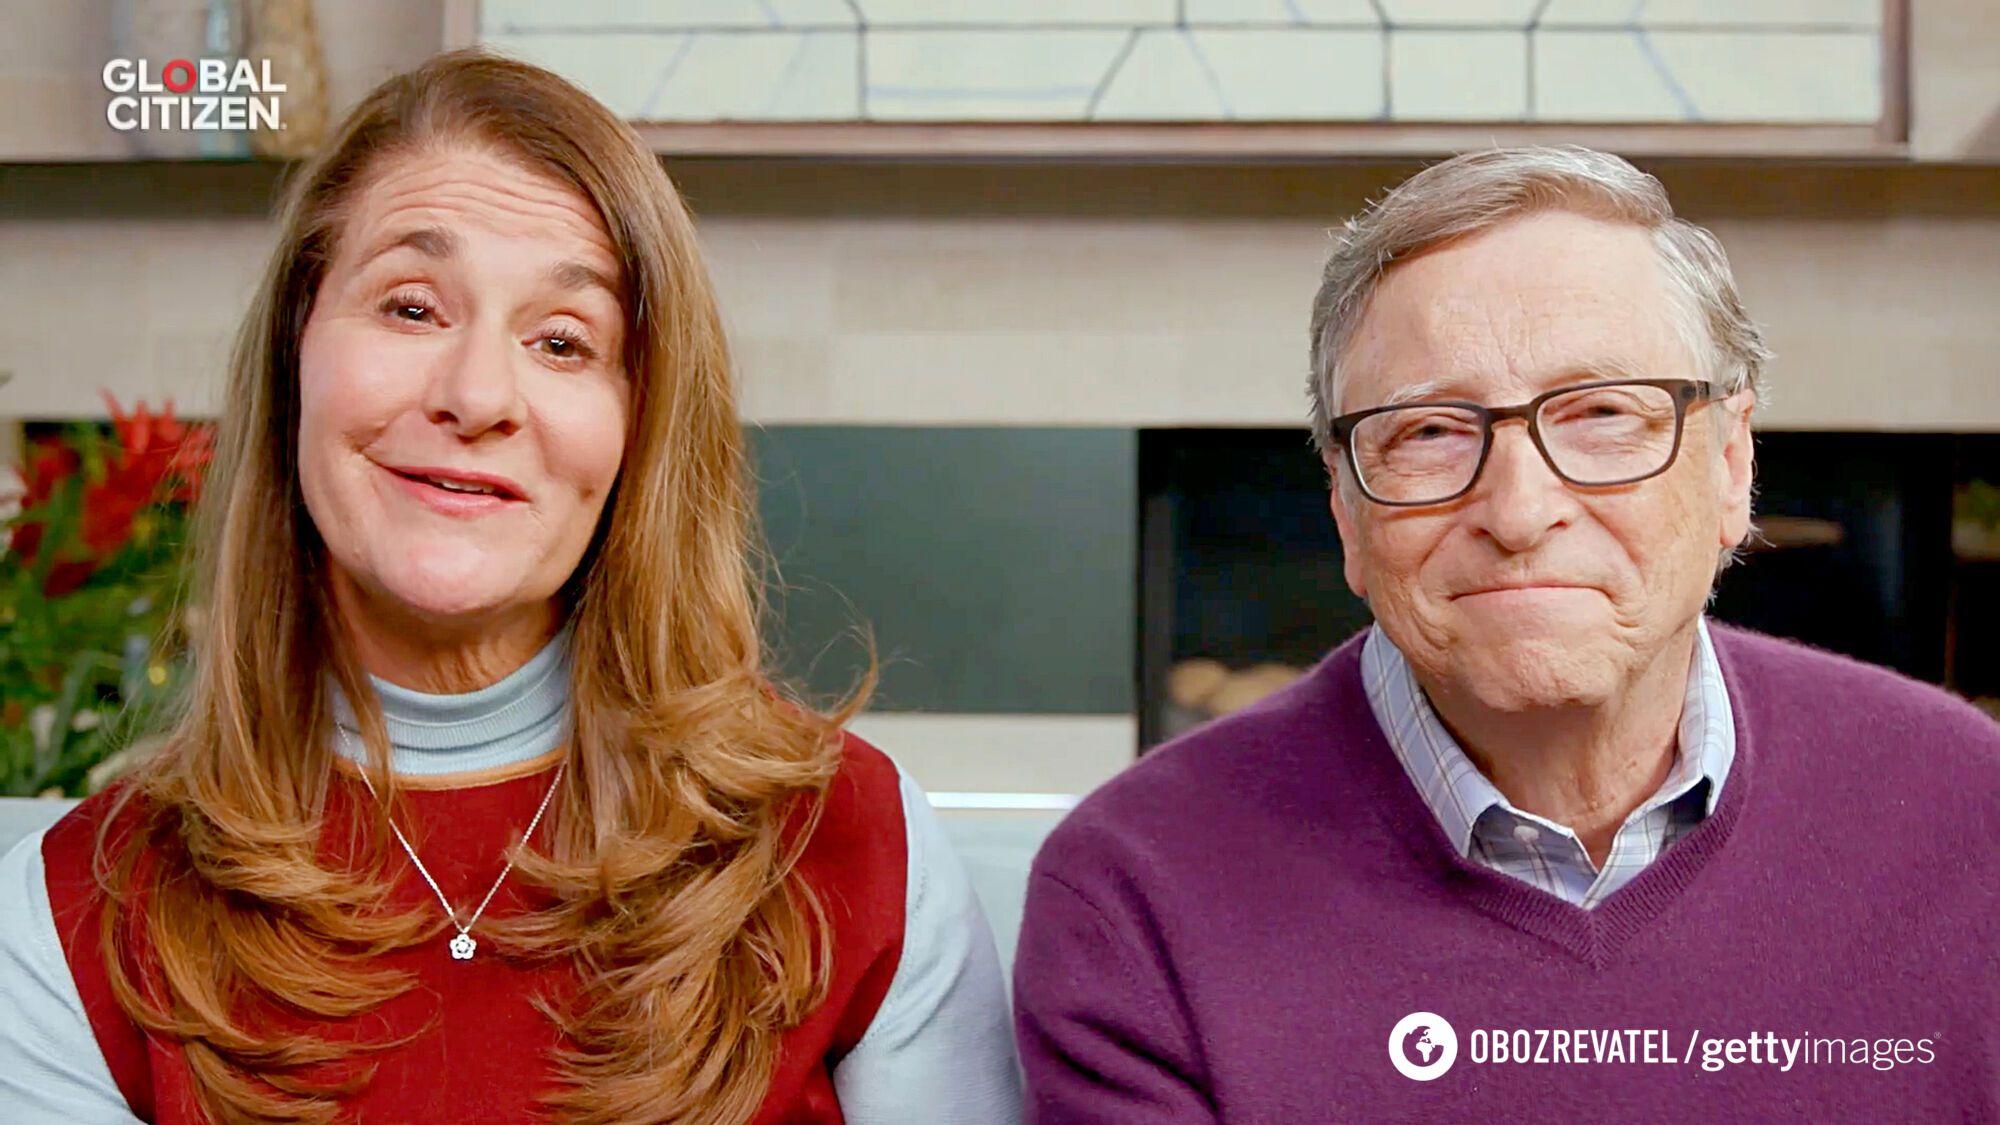 Білл Гейтс зі своєю дружиною Меліндою.